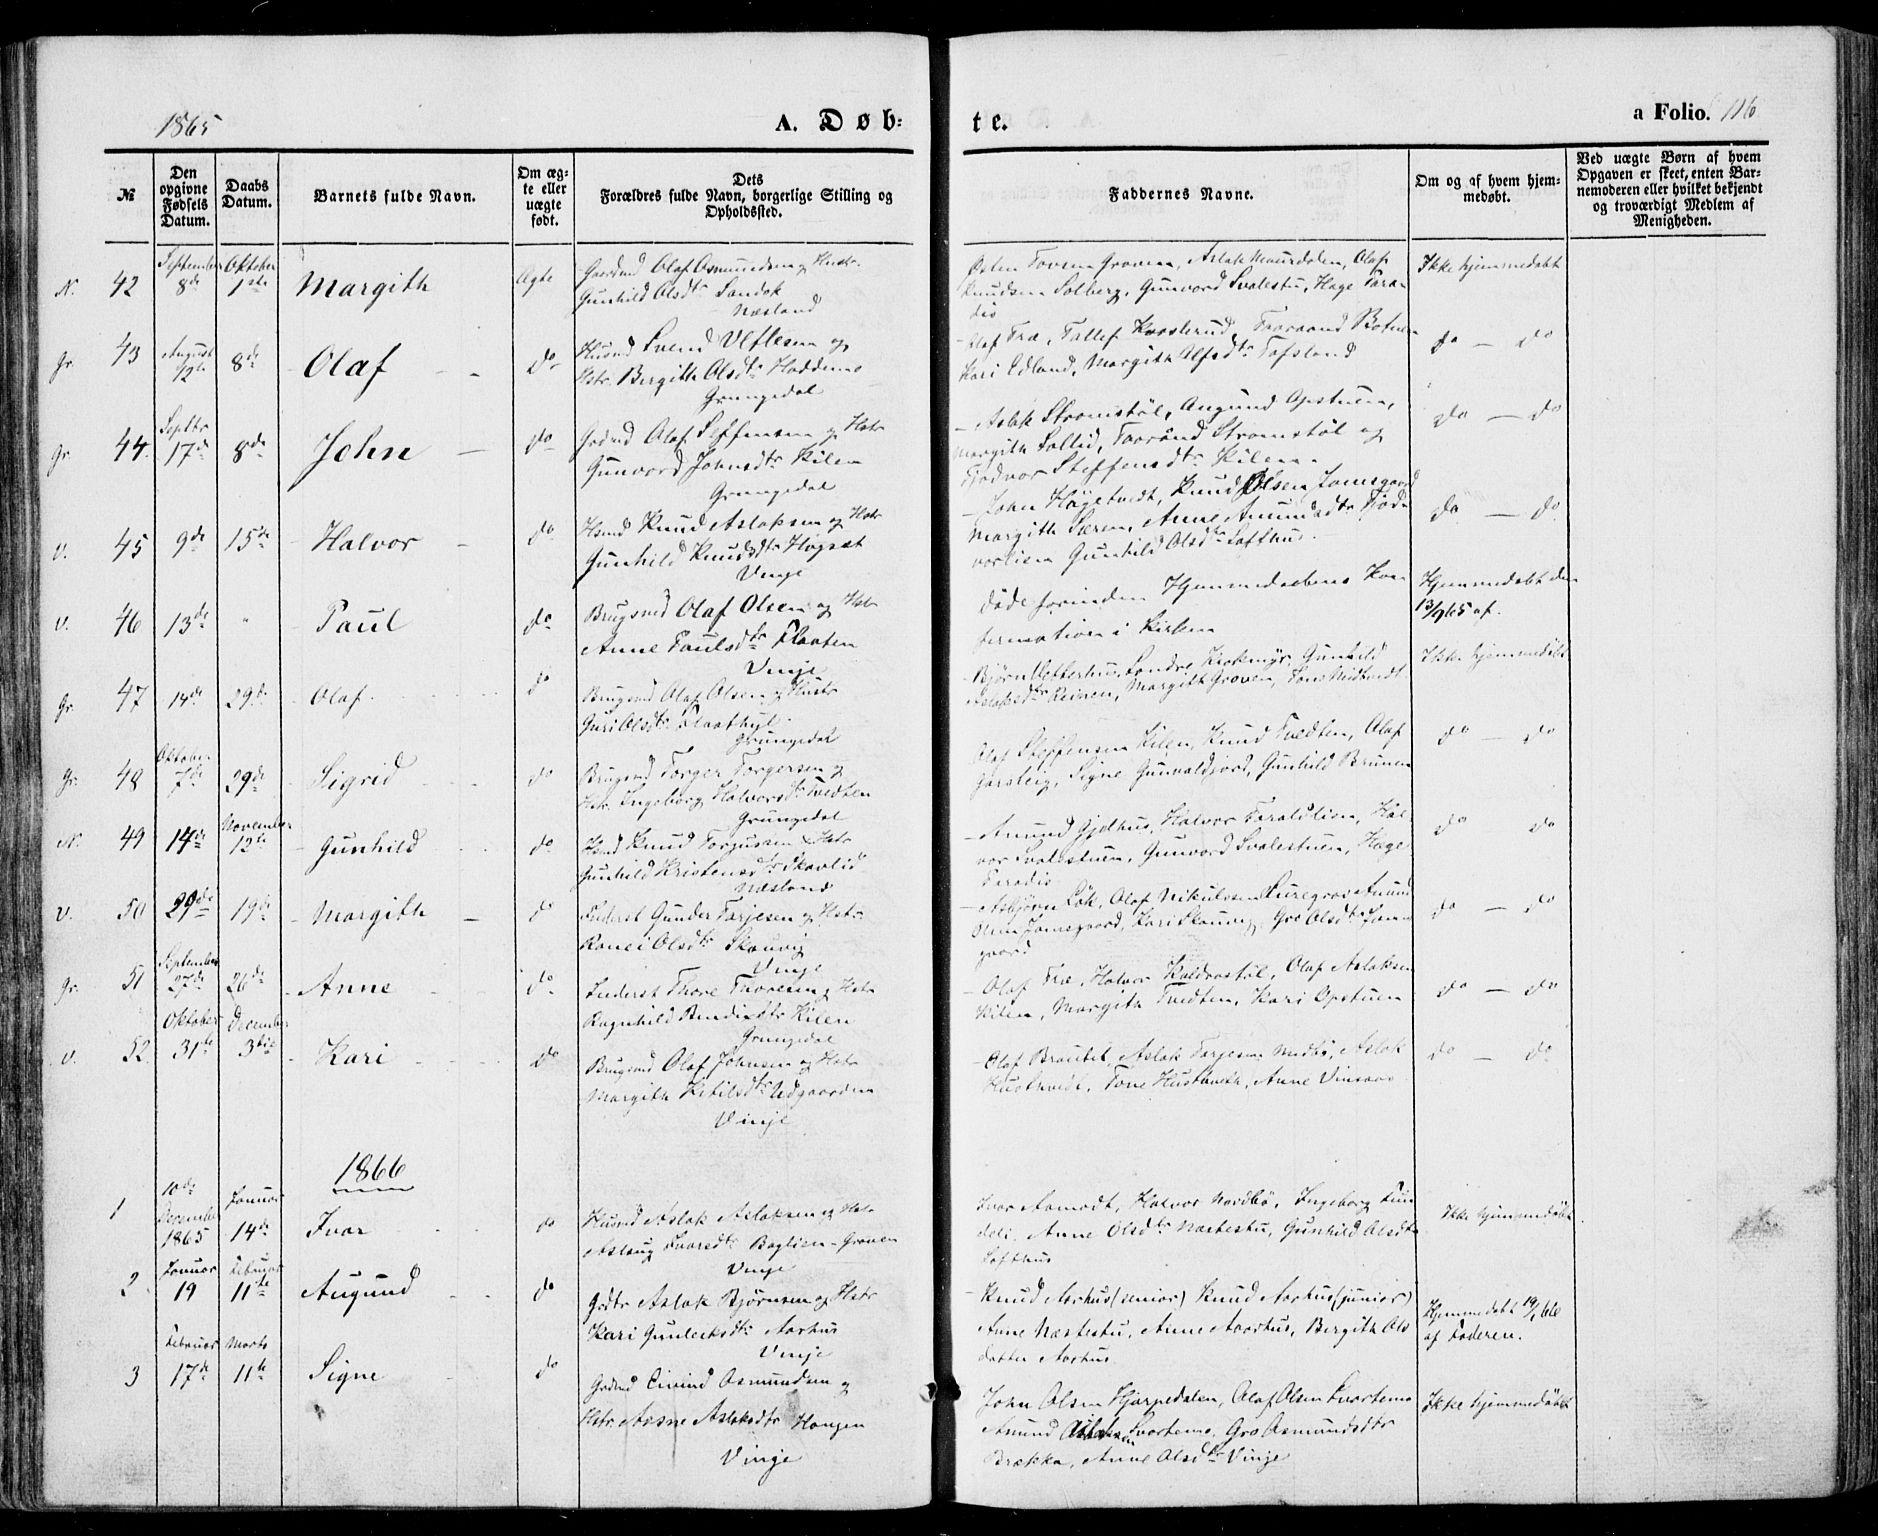 SAKO, Vinje kirkebøker, F/Fa/L0004: Ministerialbok nr. I 4, 1843-1869, s. 116